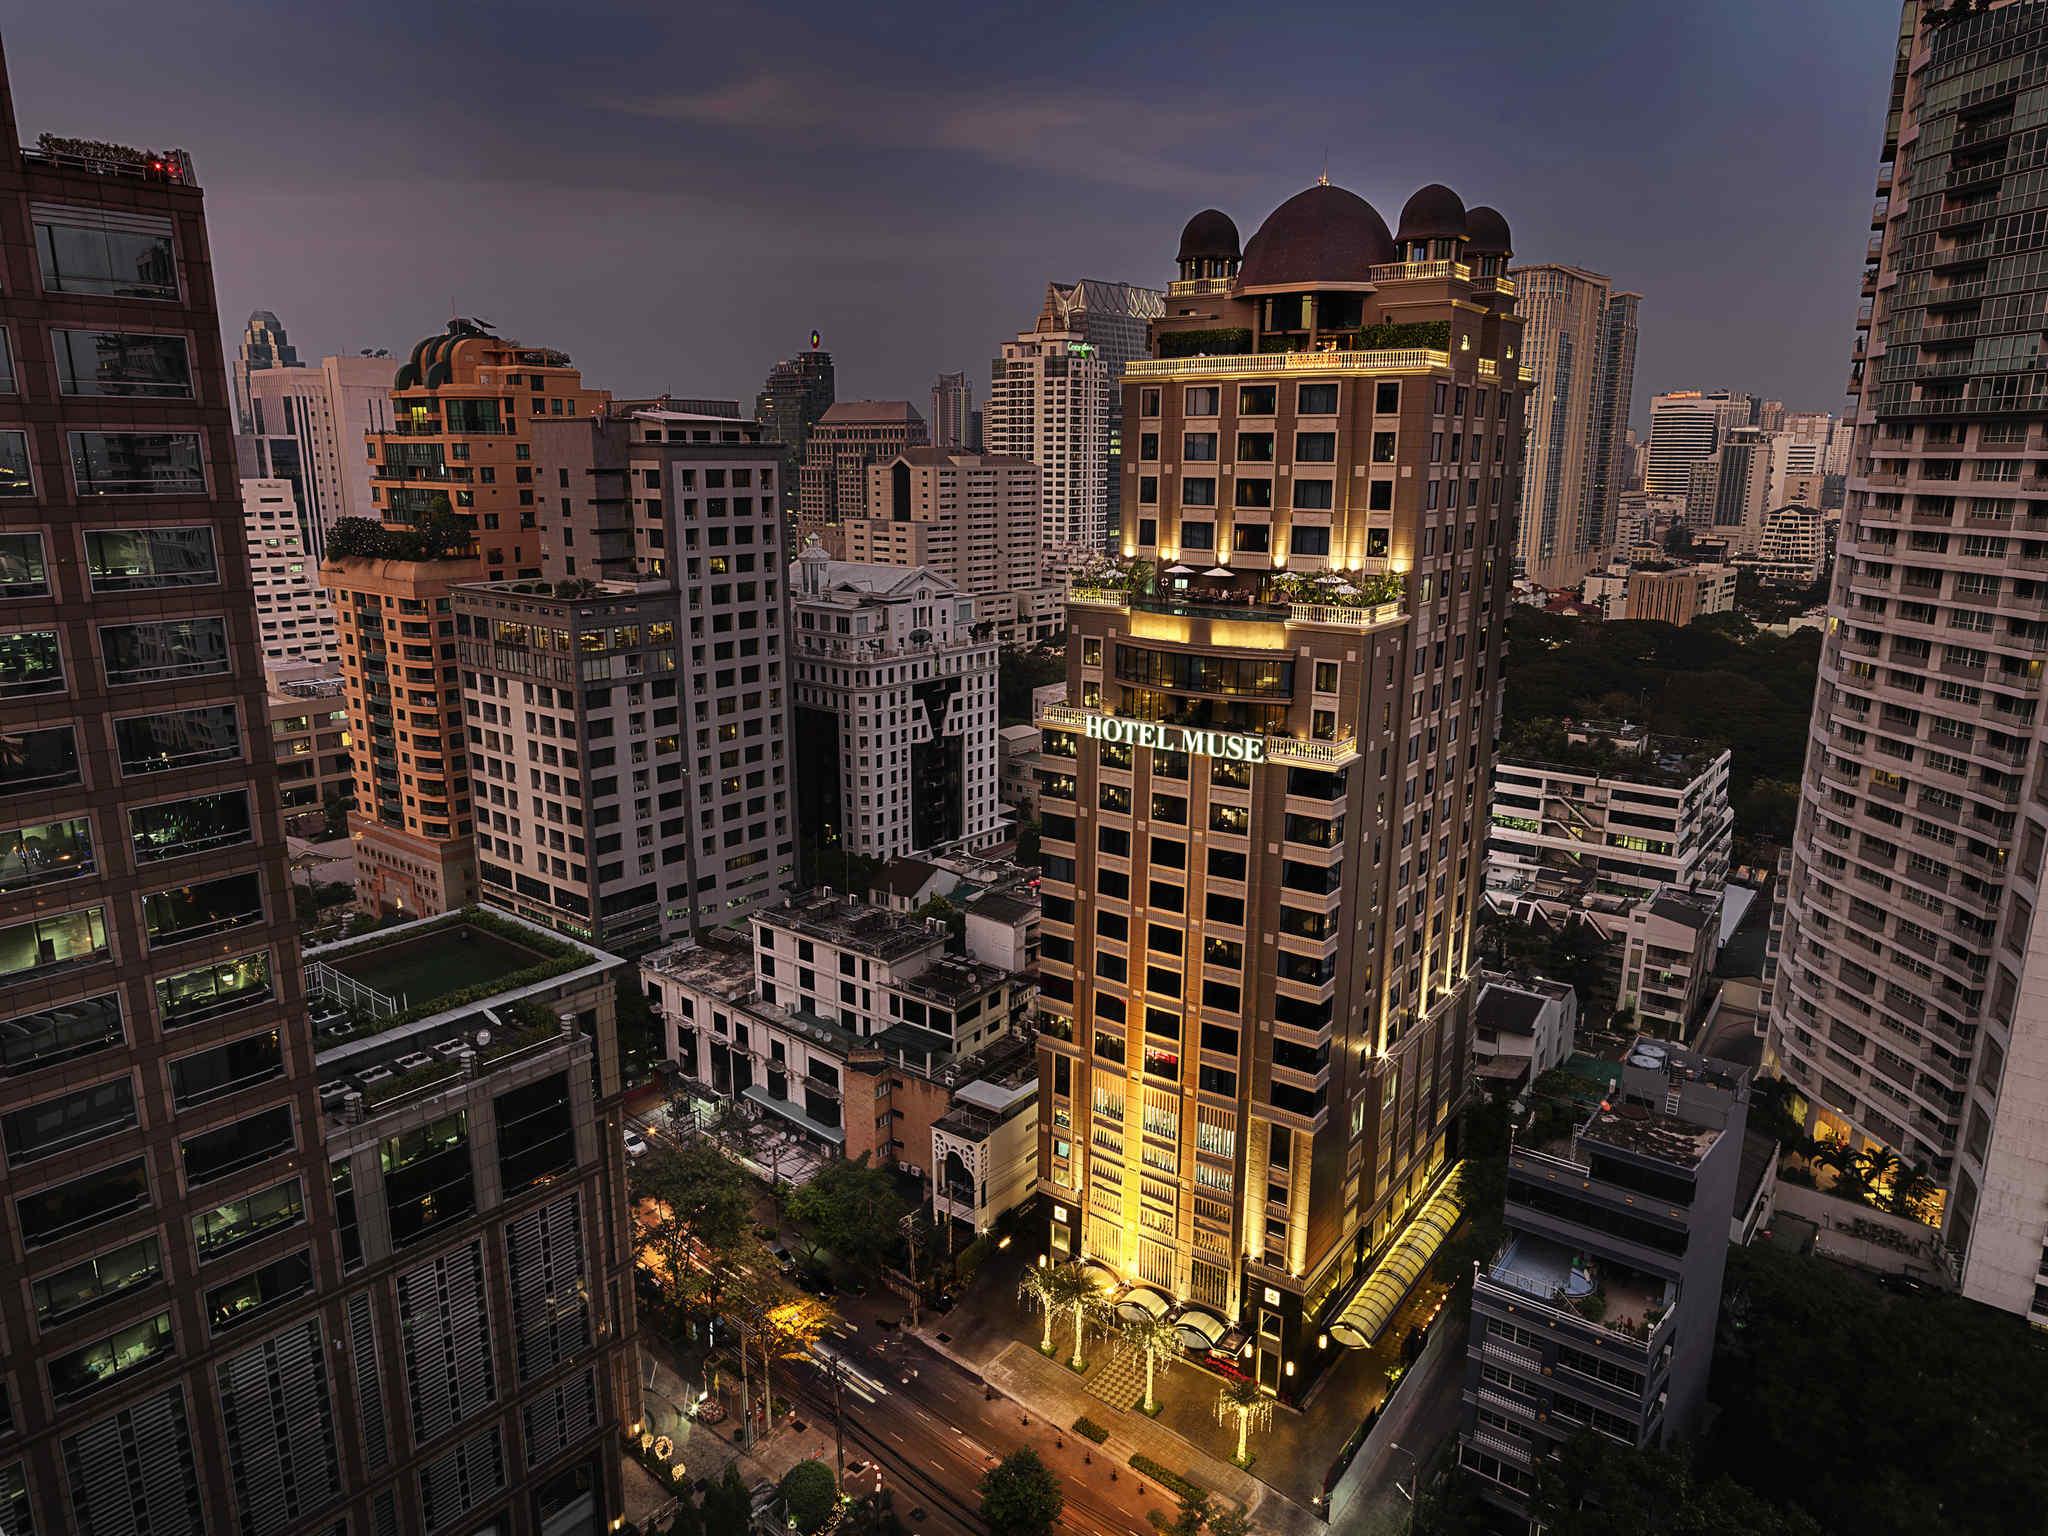 โรงแรม – โรงแรมมิวส์ กรุงเทพ หลังสวน - เอ็มแกลเลอรี บาย โซฟิเทล